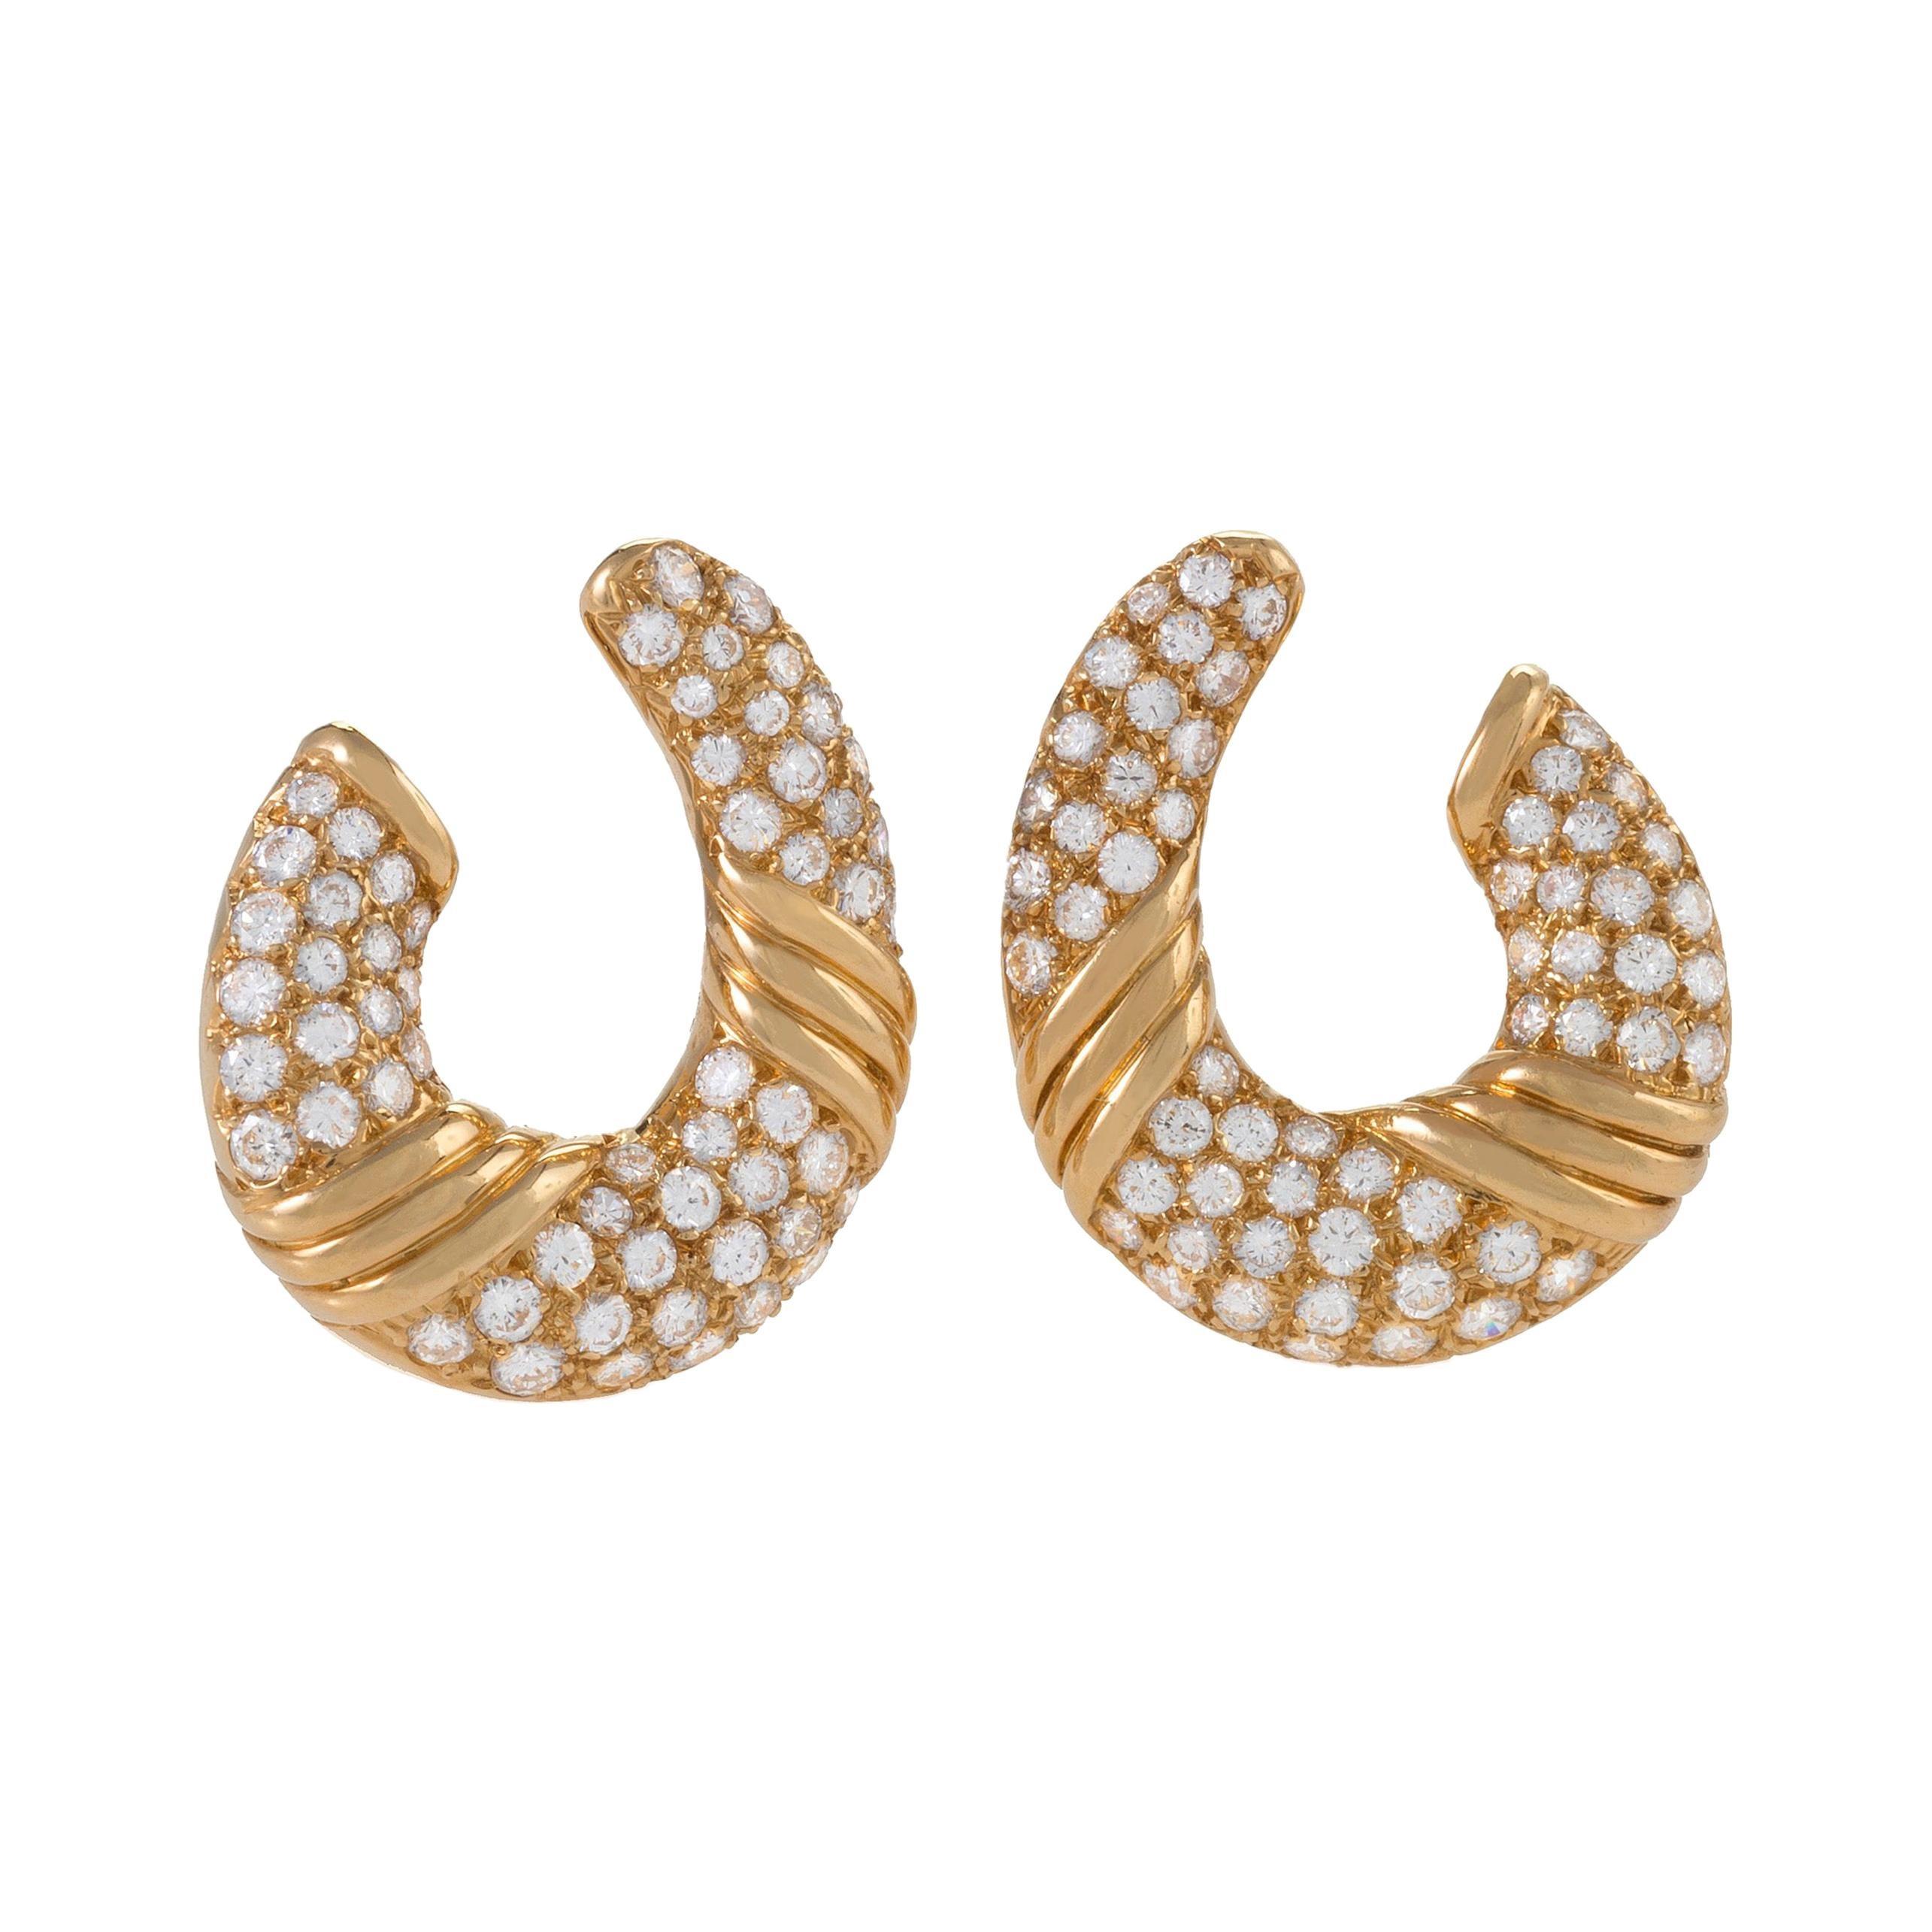 Van Cleef & Arpels Gold and Diamond Hoop Earrings